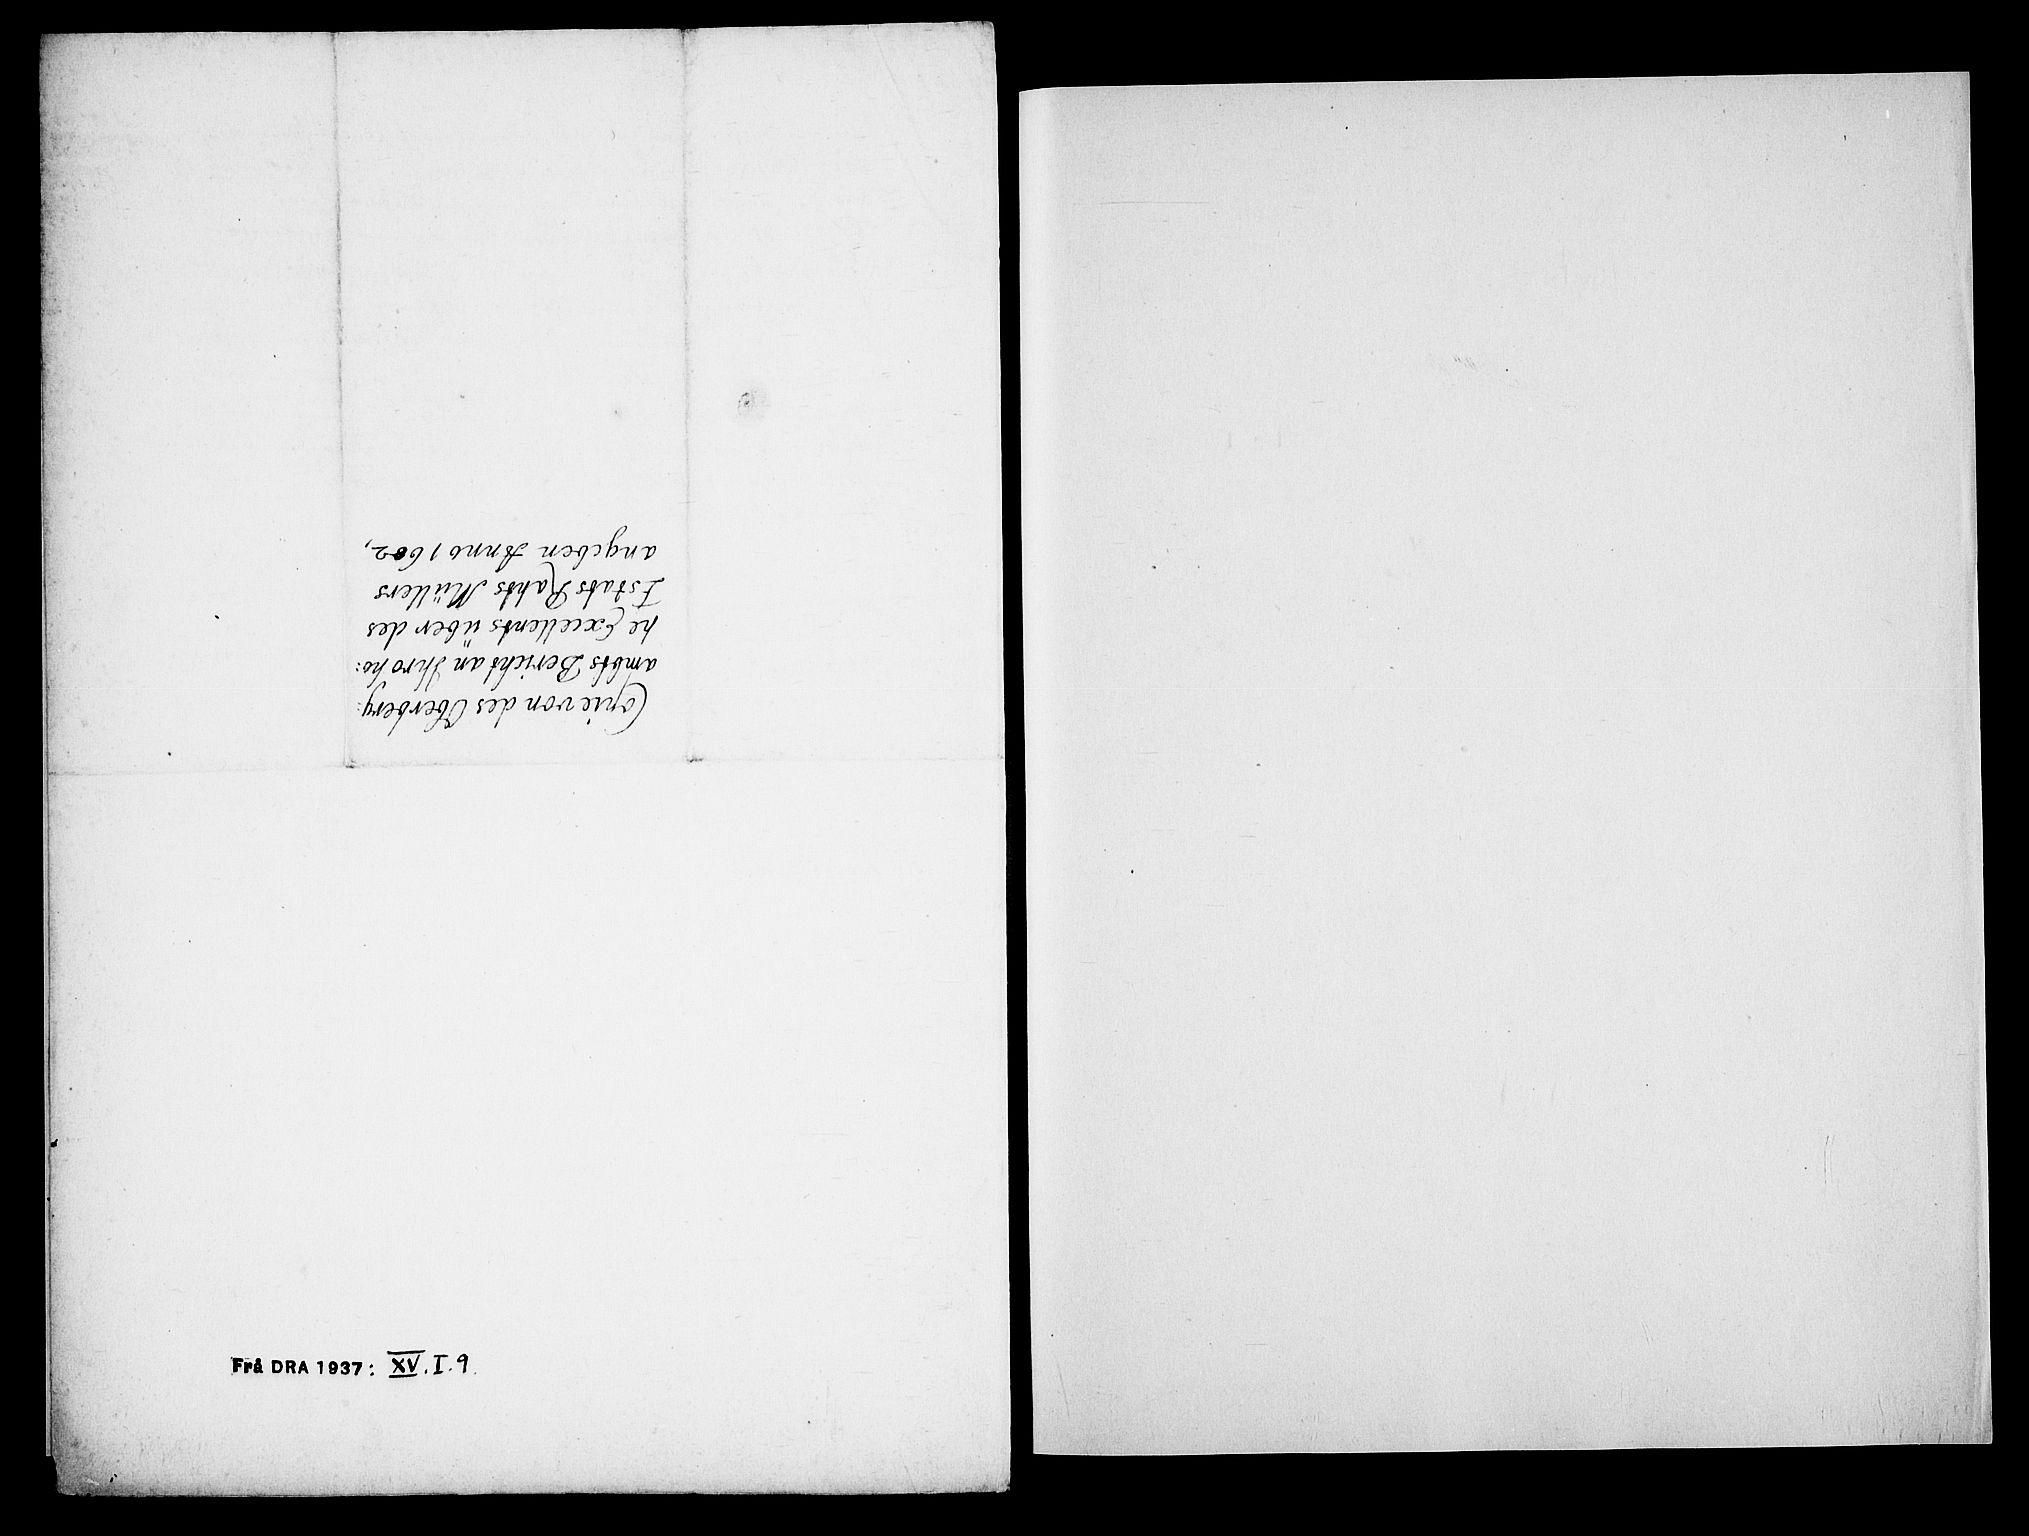 RA, Danske Kanselli, Skapsaker, G/L0019: Tillegg til skapsakene, 1616-1753, s. 205